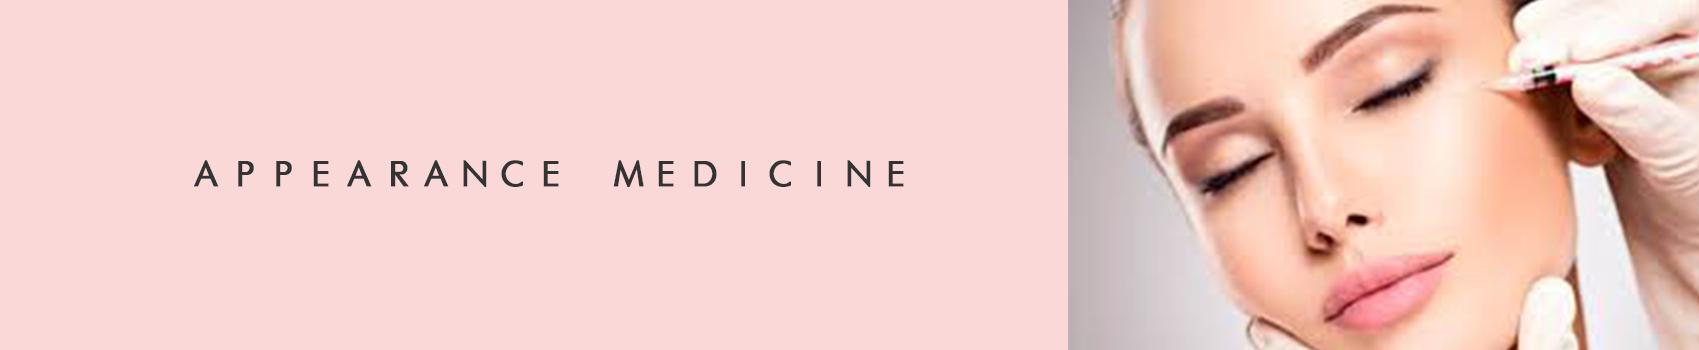 app-medicine.jpg